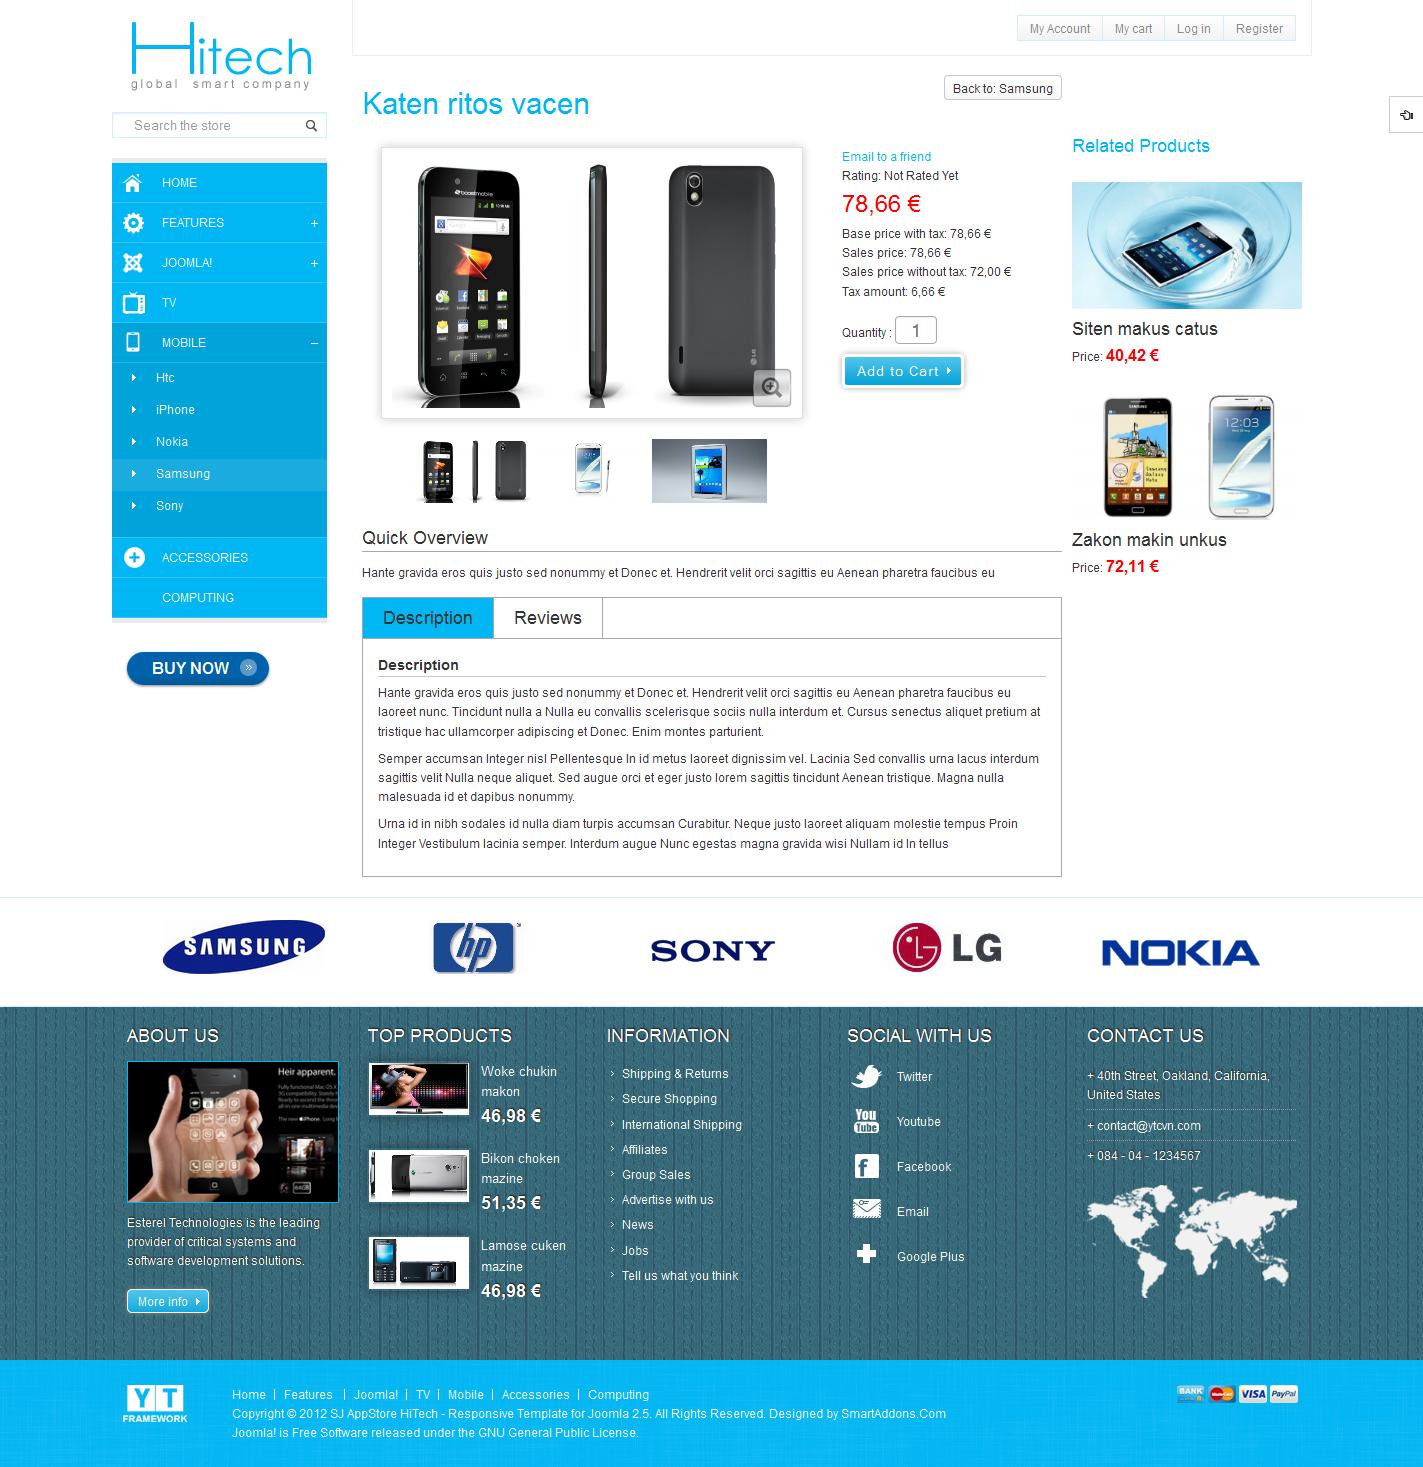 SJ-AppStore-HiTech-Best-eCommerce-Joomla-Template